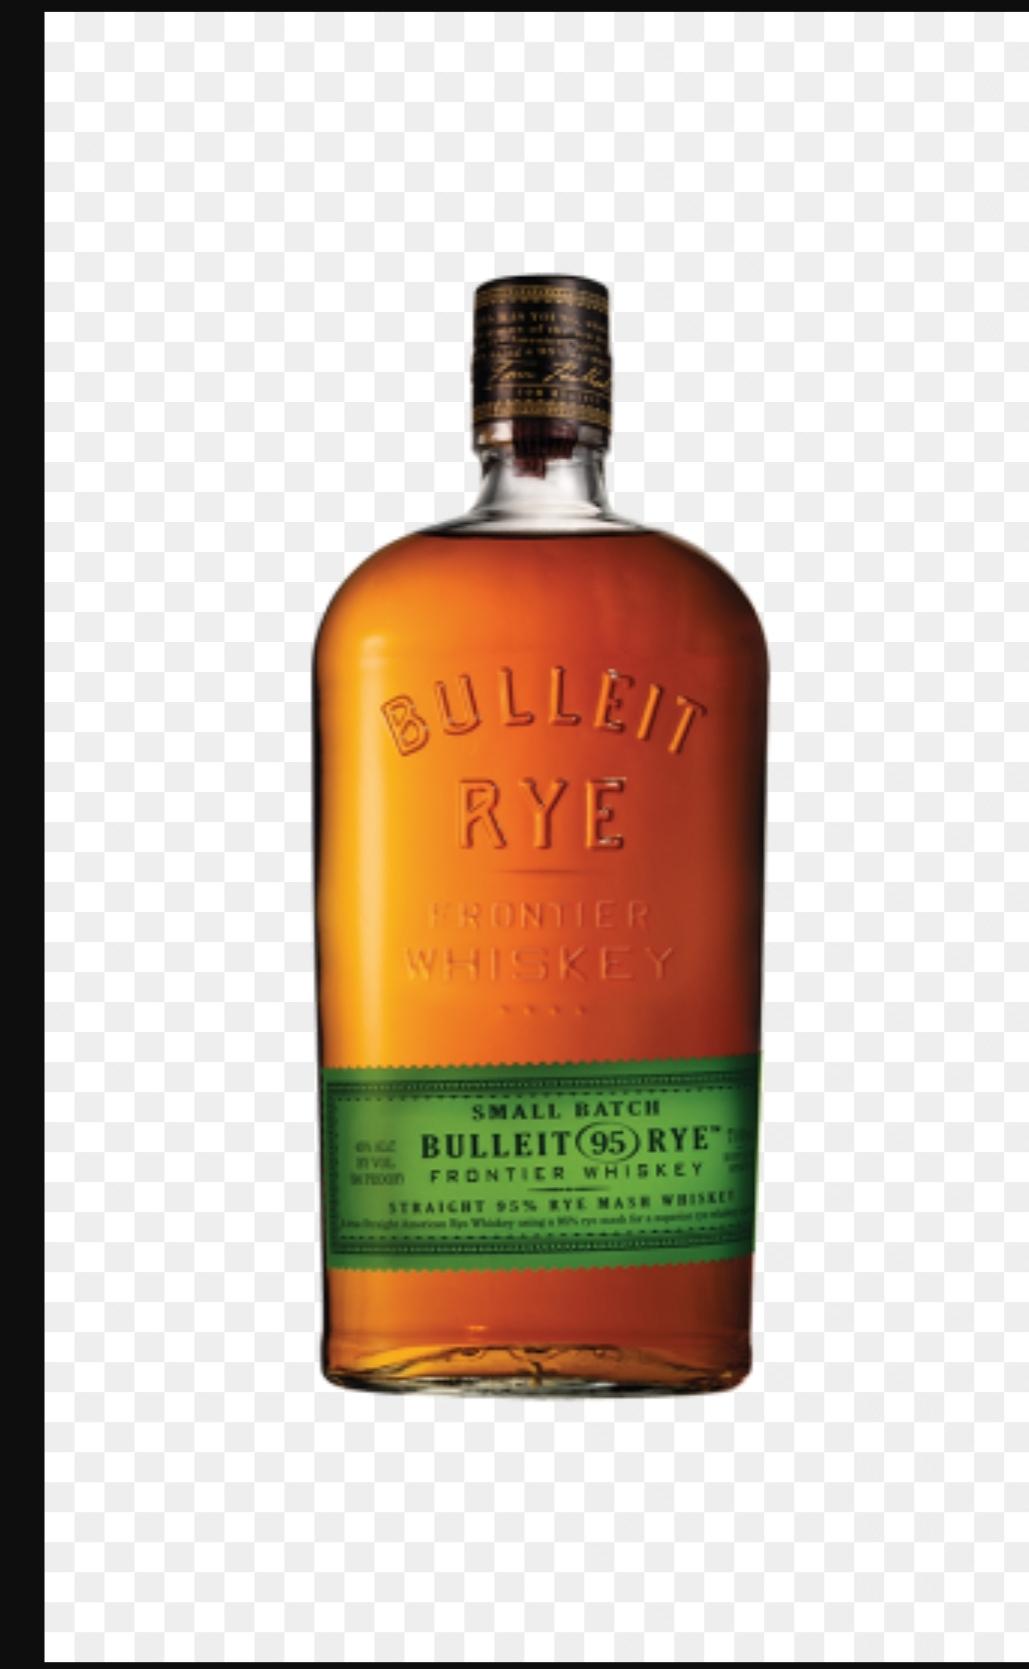 Whiskey Bulleit Rye 0,7l. Żytnia amerkańska whiskey.